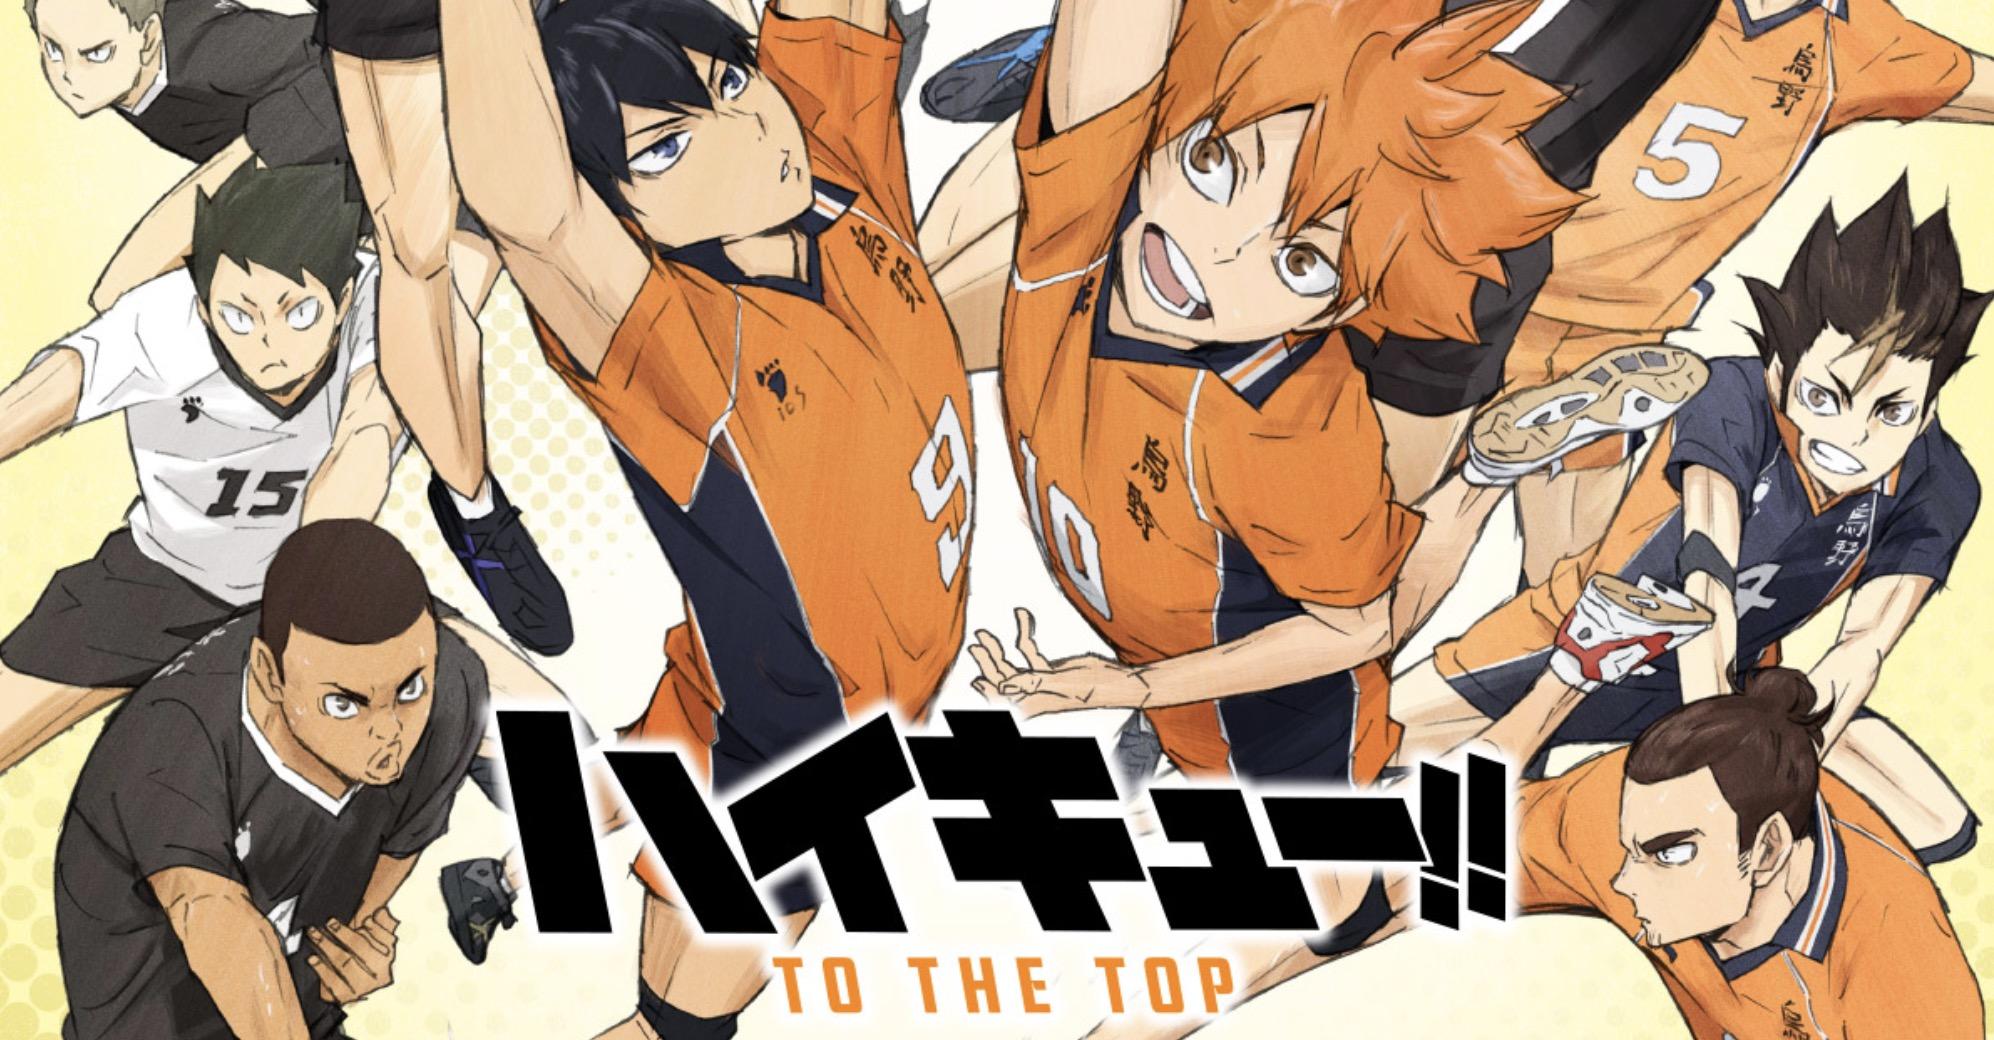 「ハイキュー!!TO THE TOP」4期の動画を無料で視聴する方法